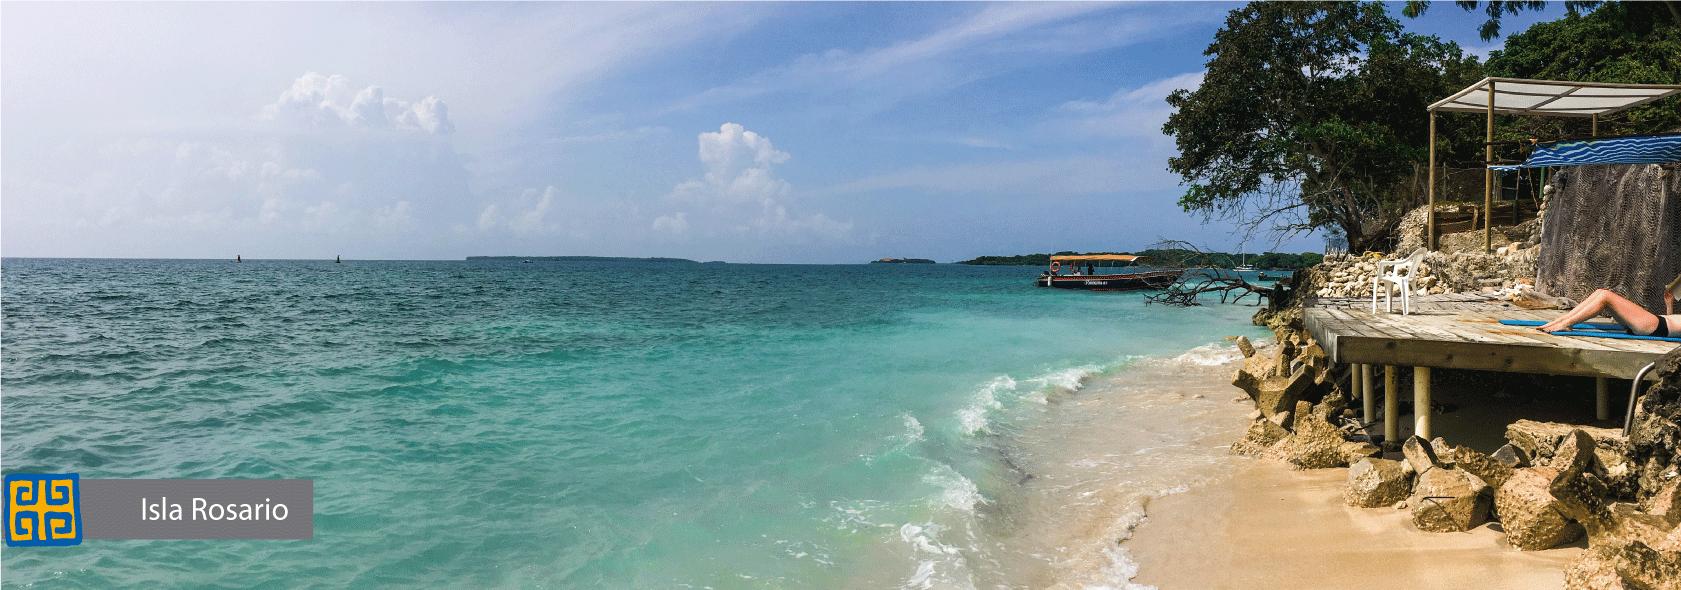 Isla-Rosario-Colombia